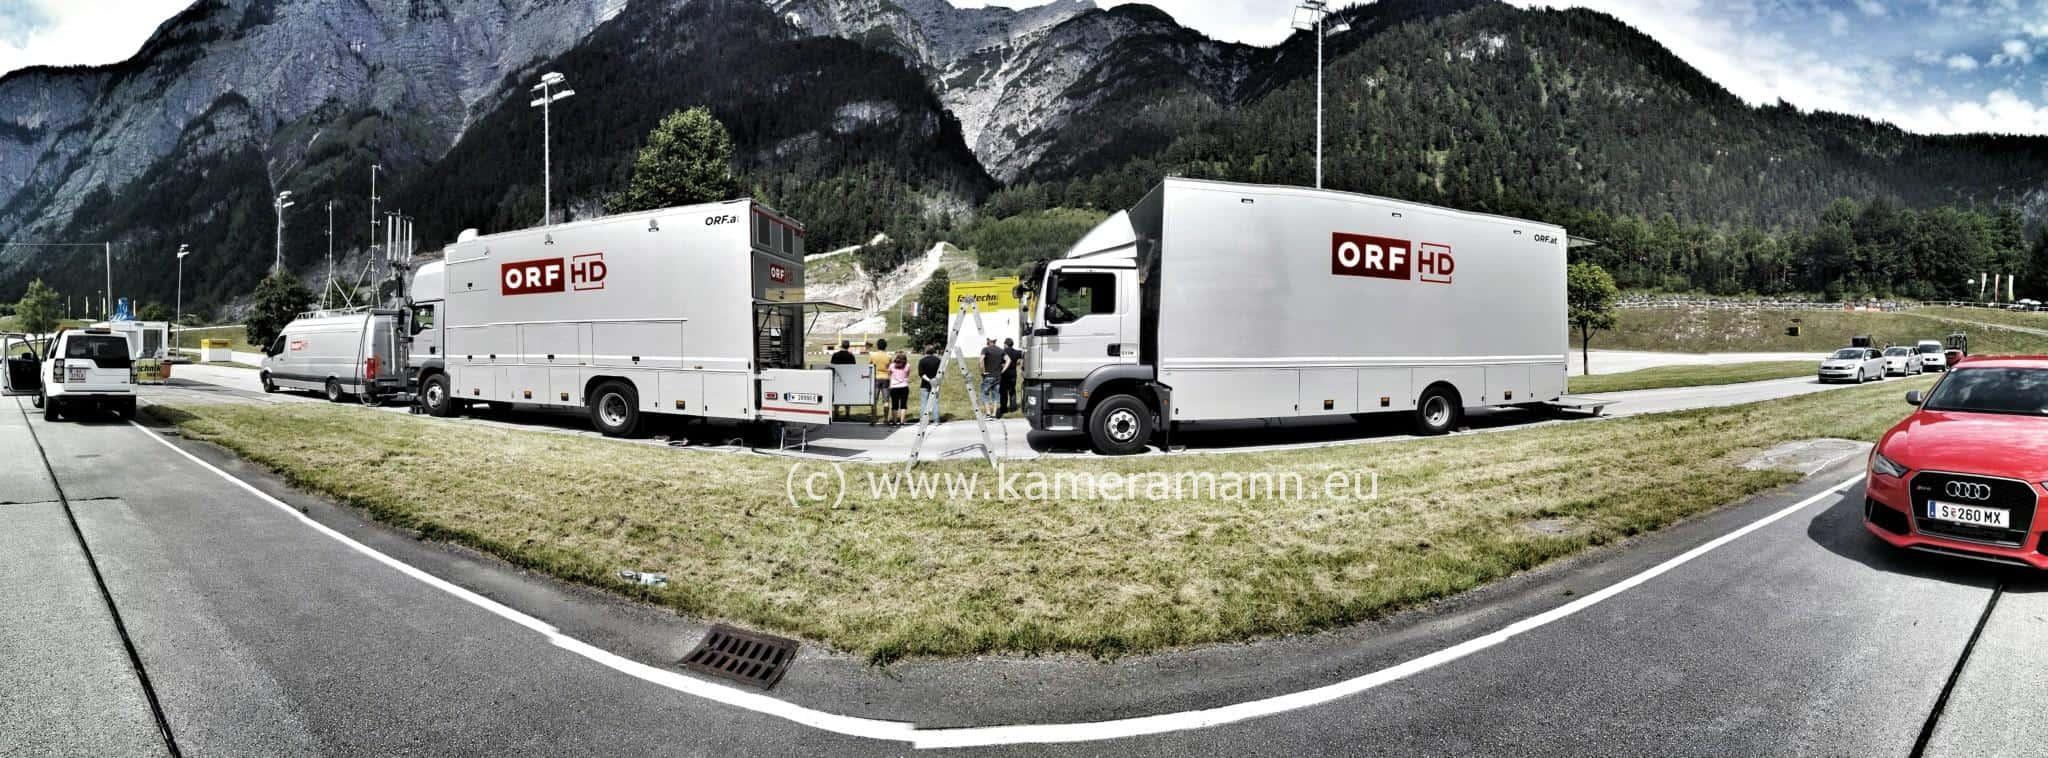 gruppe b rallyelegenden saalfelden 9 - Rallyelegenden Saalfelden